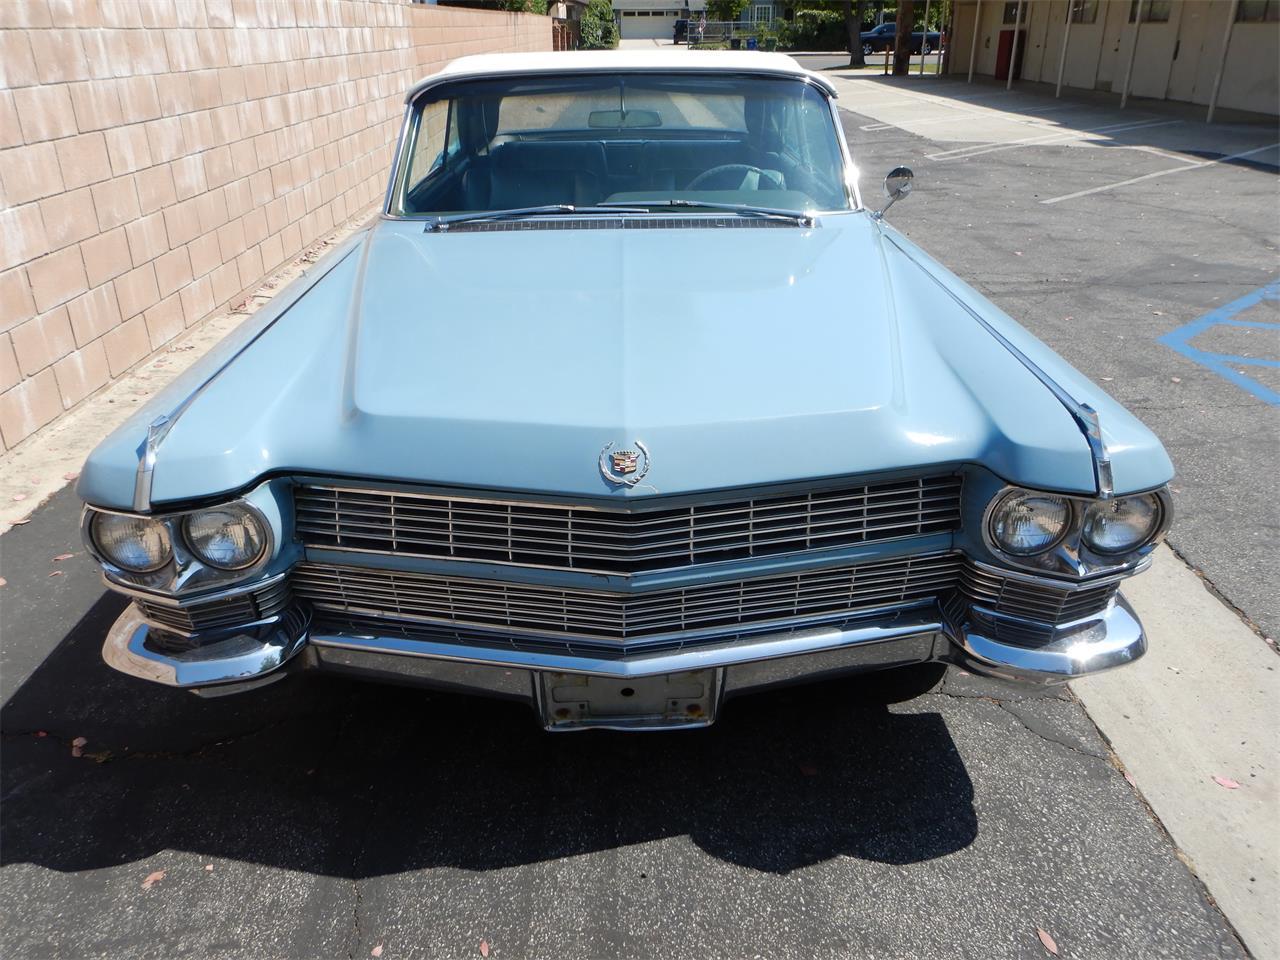 Large Picture of 1964 Eldorado Biarritz located in Woodland Hills California - $28,500.00 - QBJQ